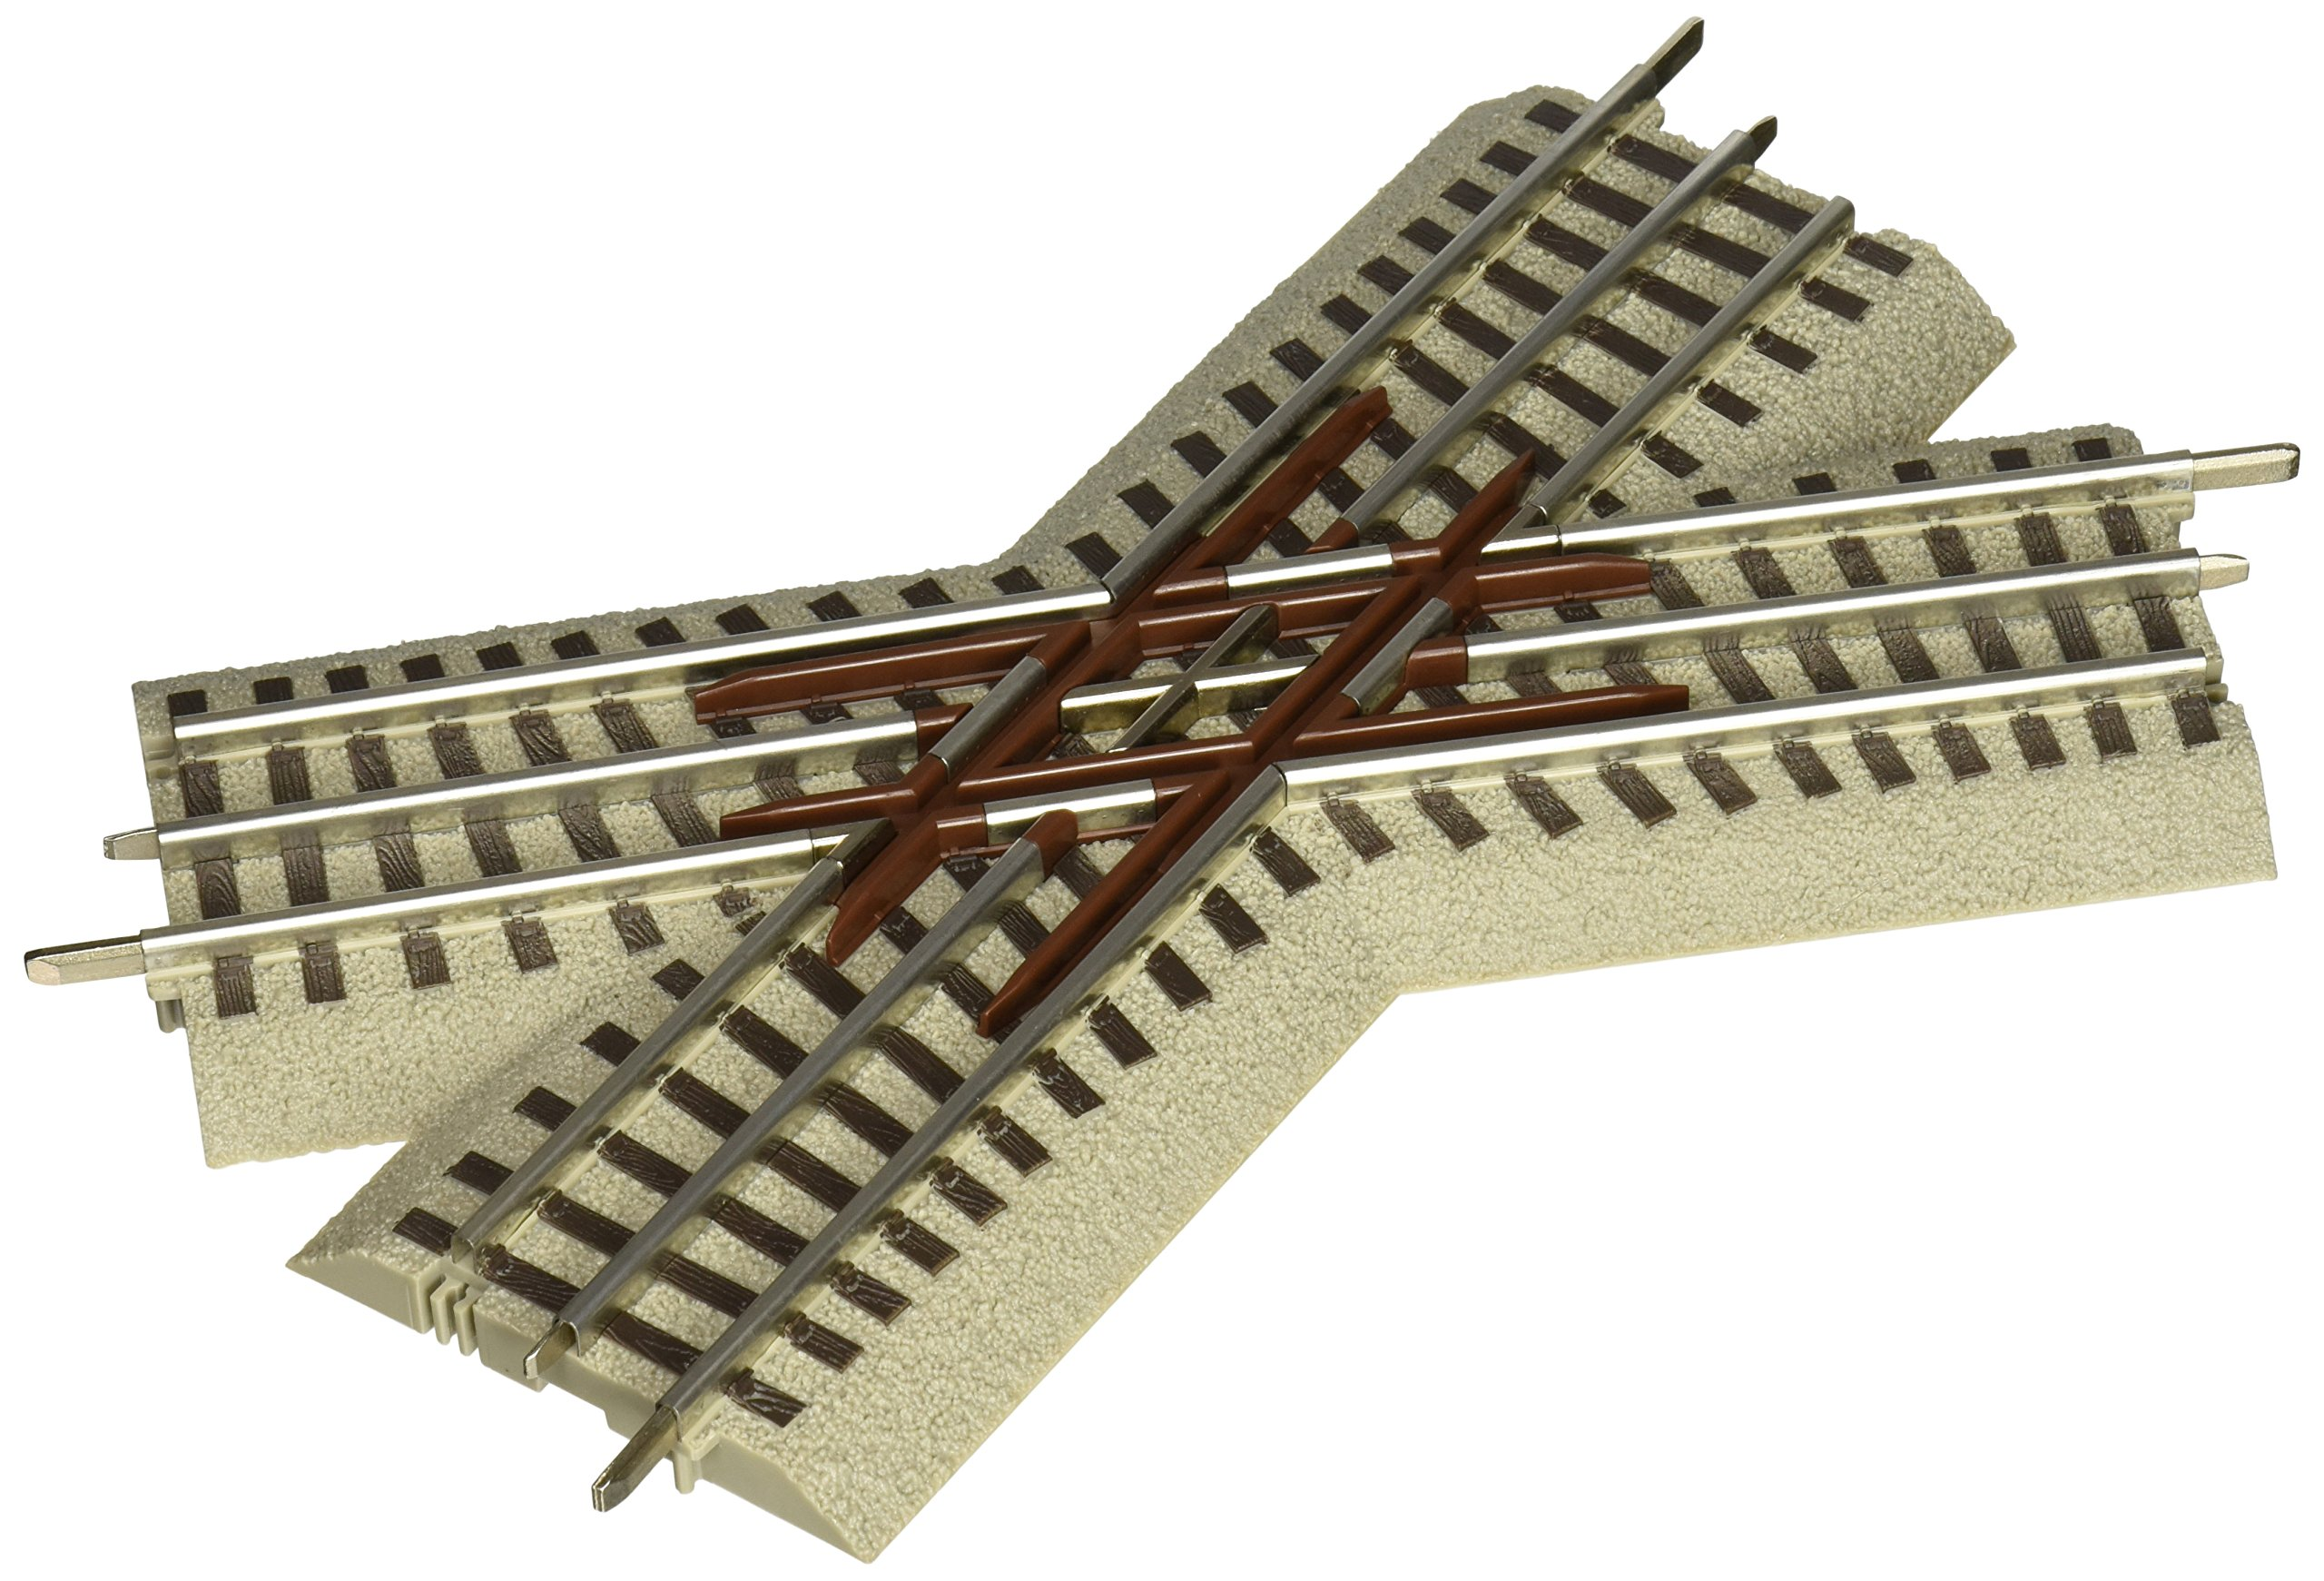 Lionel FasTrack 45 degree Crossover Train